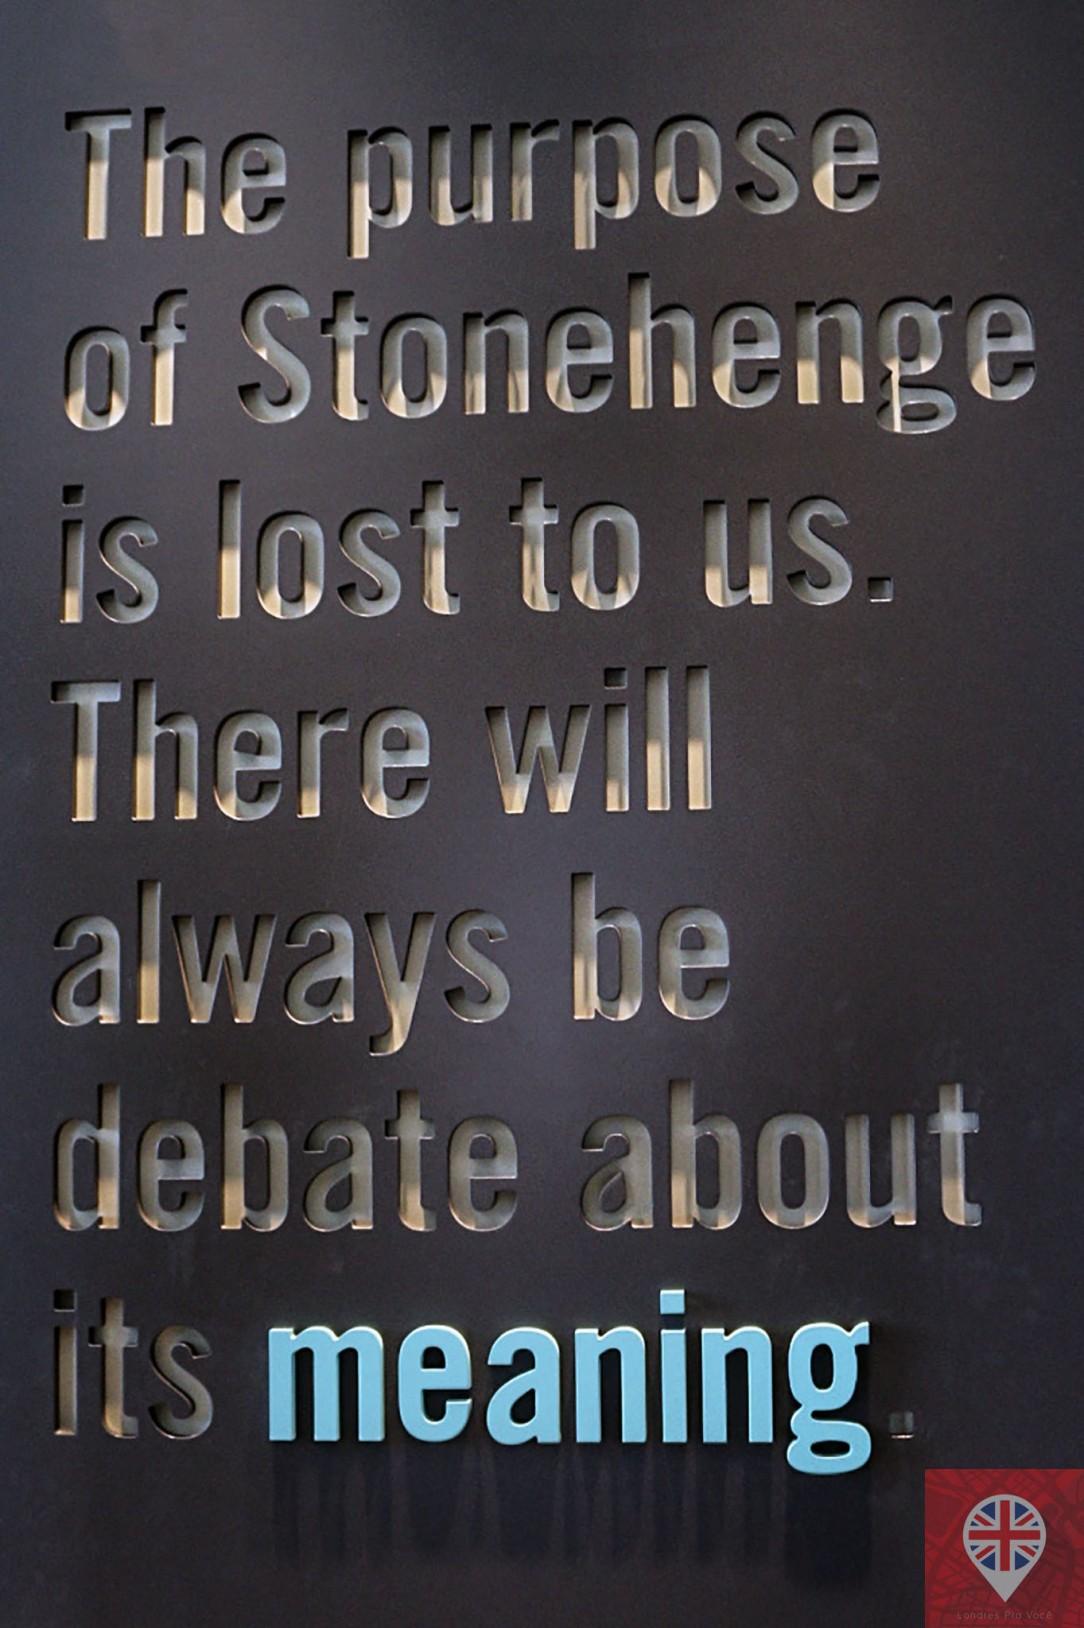 stonehenge-purpose